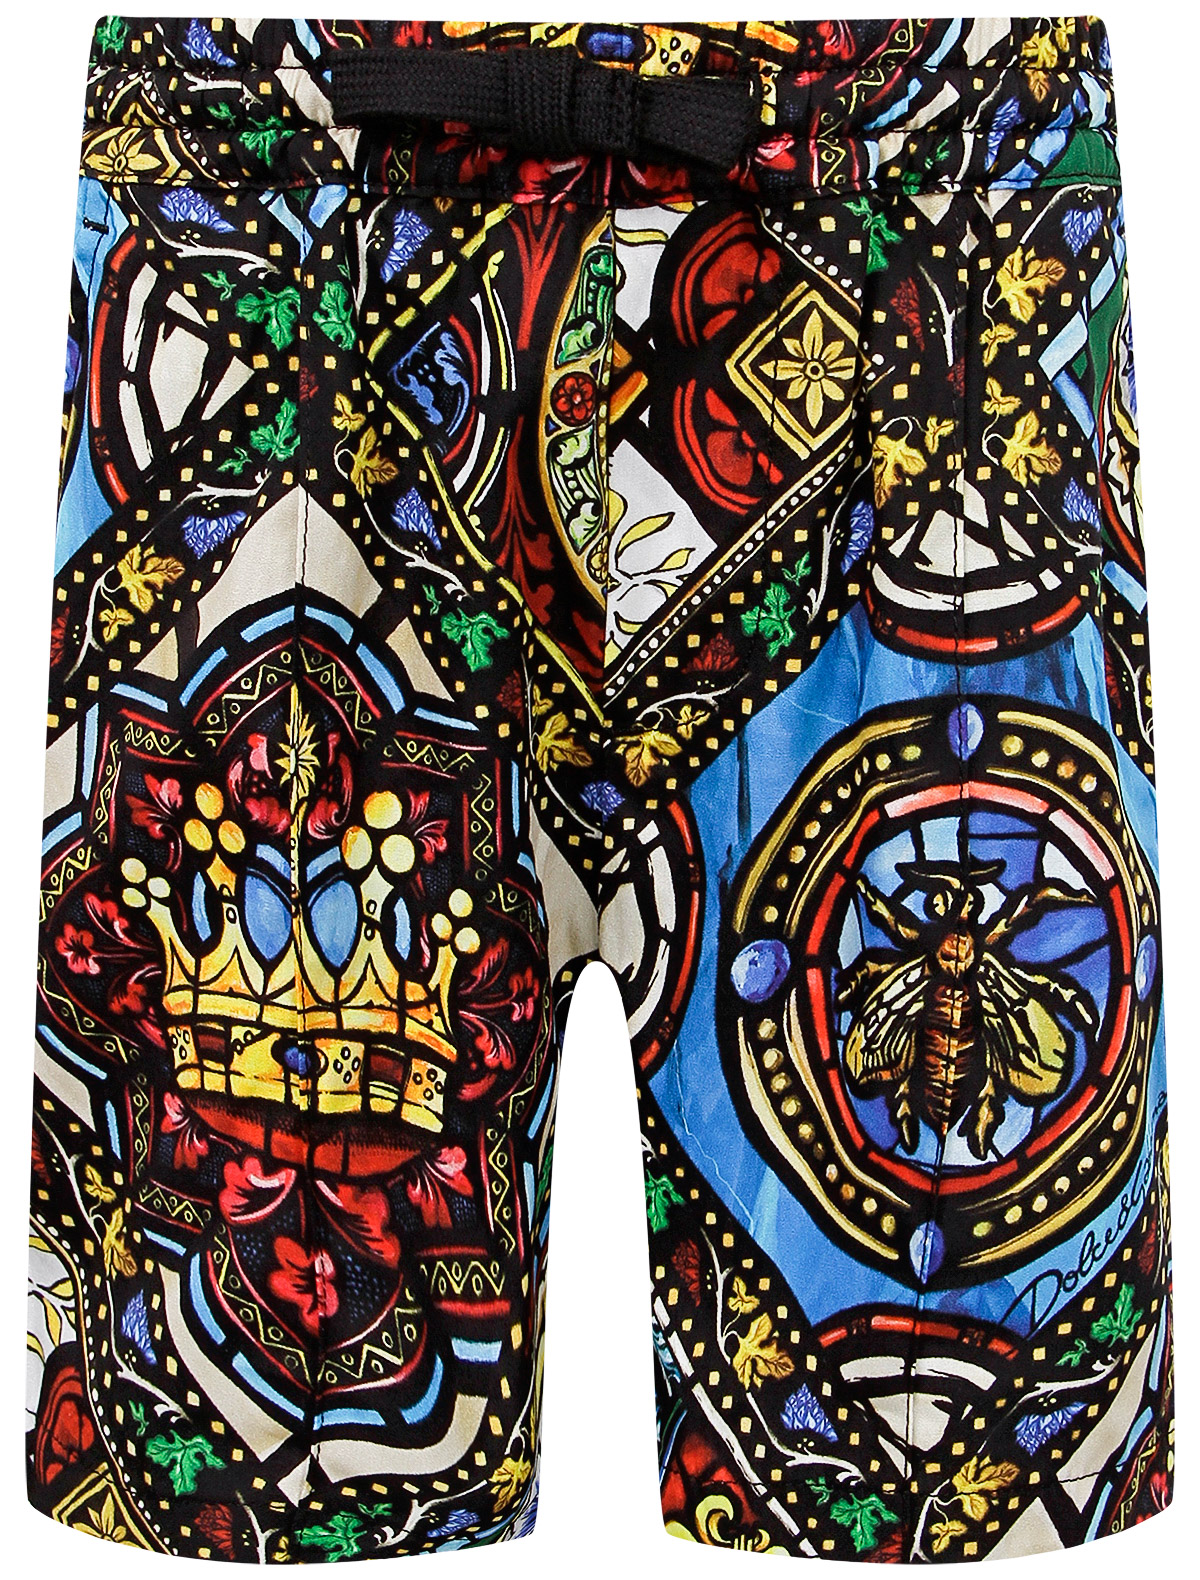 2197581, Шорты Dolce & Gabbana, синий, Мужской, 1414519072851  - купить со скидкой